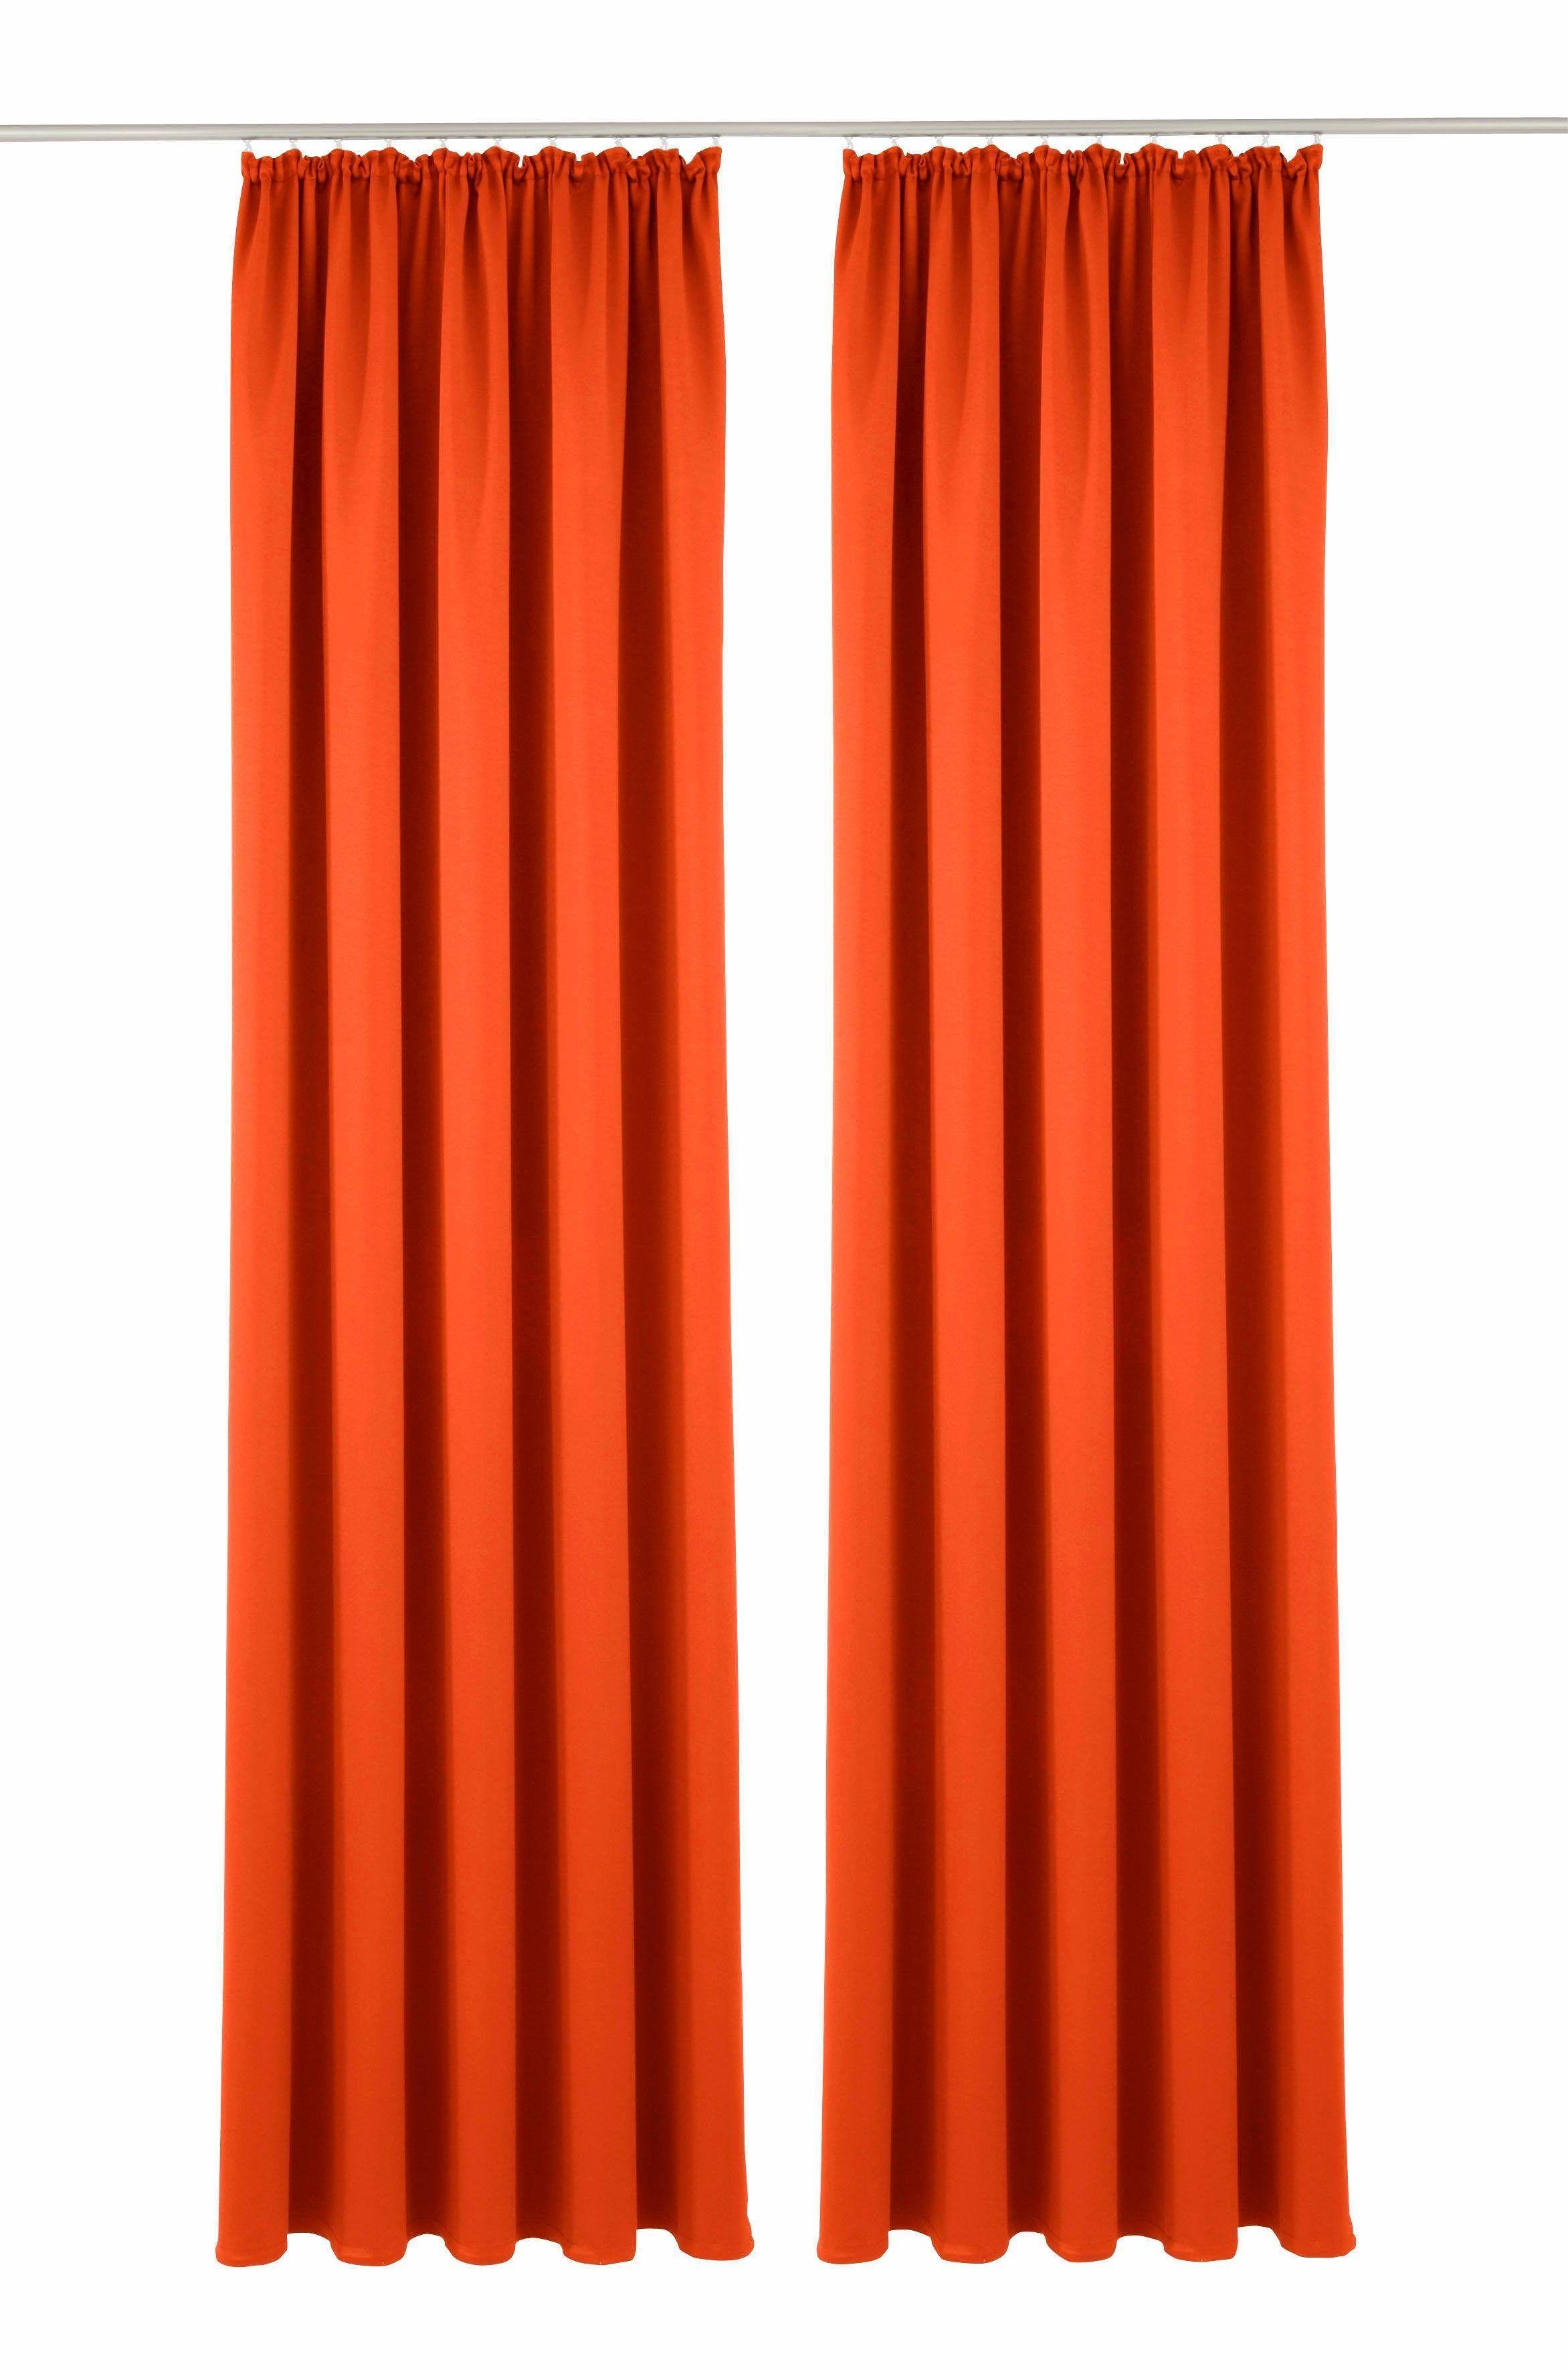 My Home Gardinen my home gardine orange 2x h b 295 140cm solana jetzt bestellen